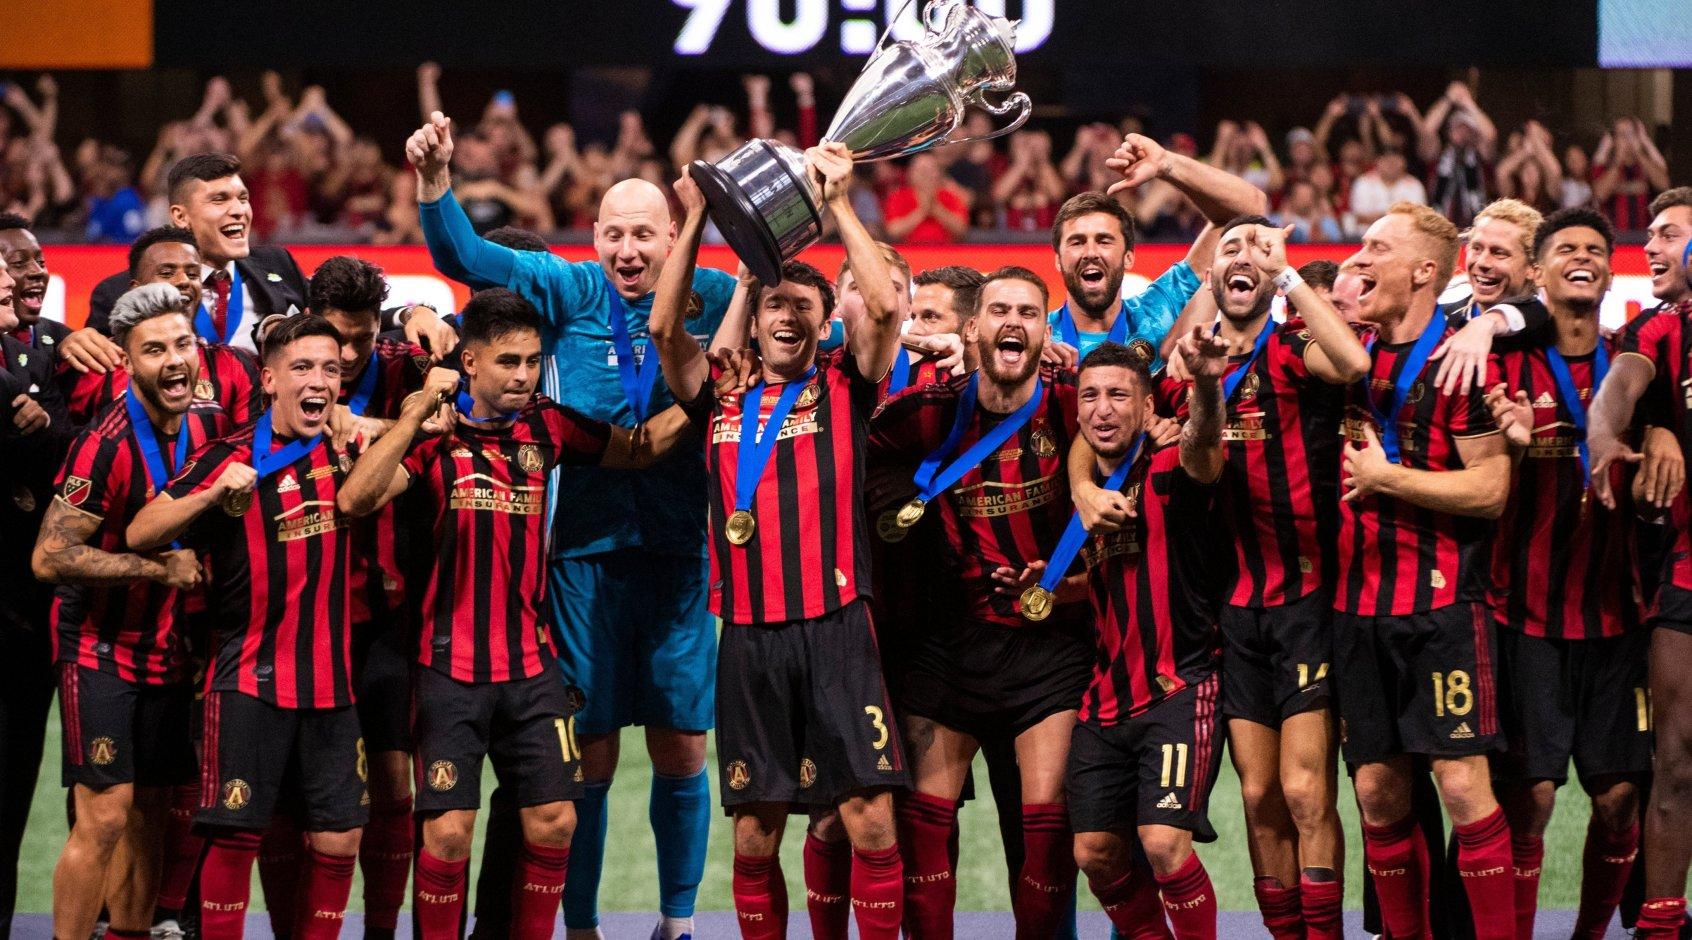 """""""Атланта Юнайтед"""" - обладатель U.S. Open Cup (+Видео)"""